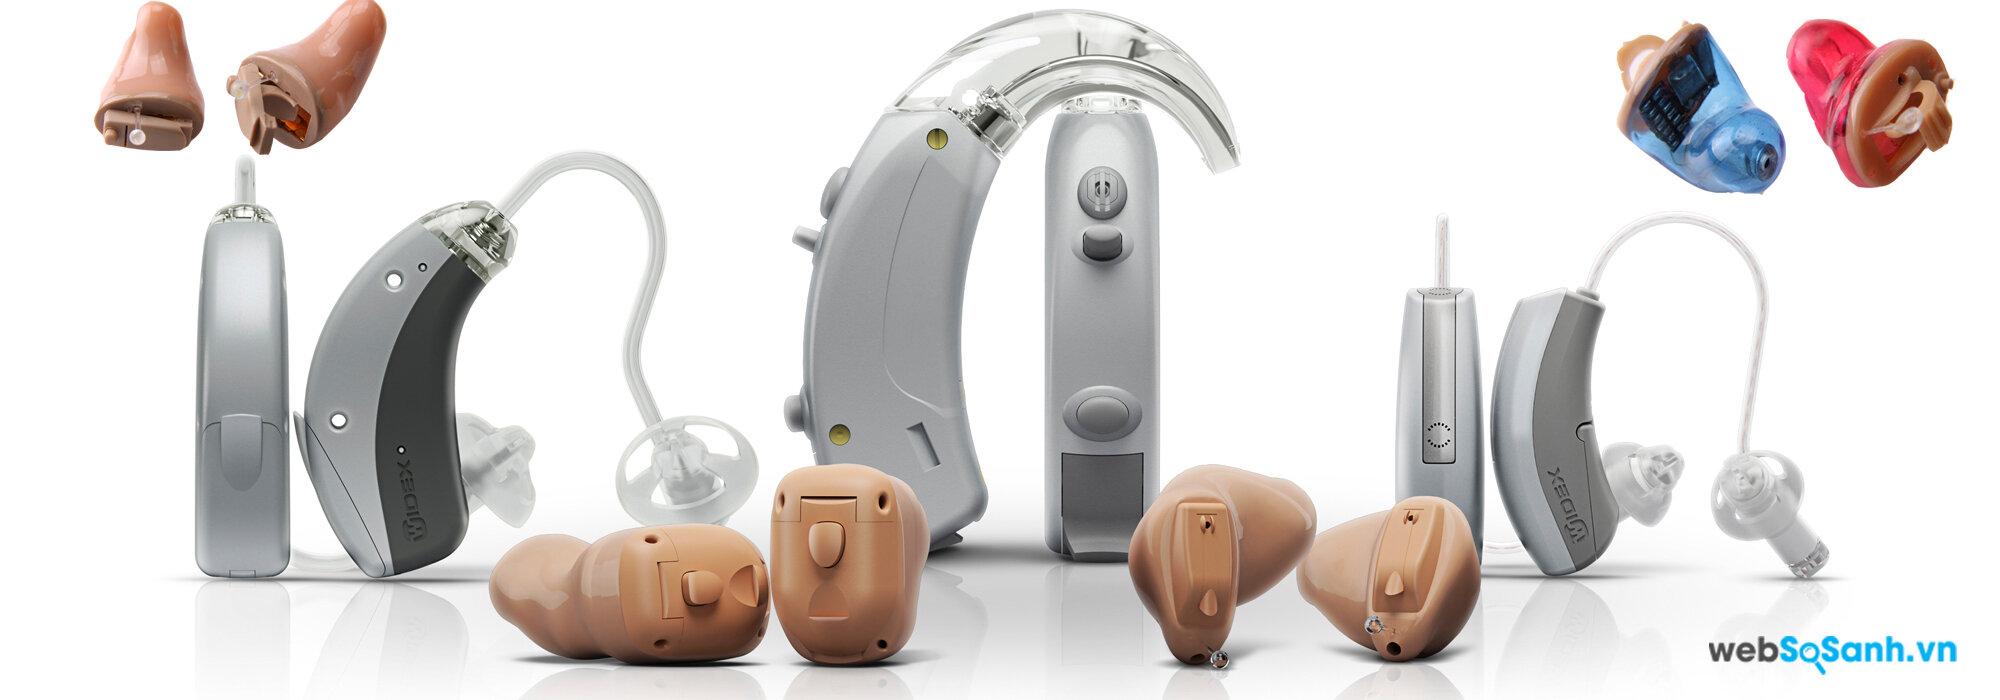 Tùy sở thích của bản thân mà bạn có thể chọn kiểu dáng và màu sắc máy trợ thính